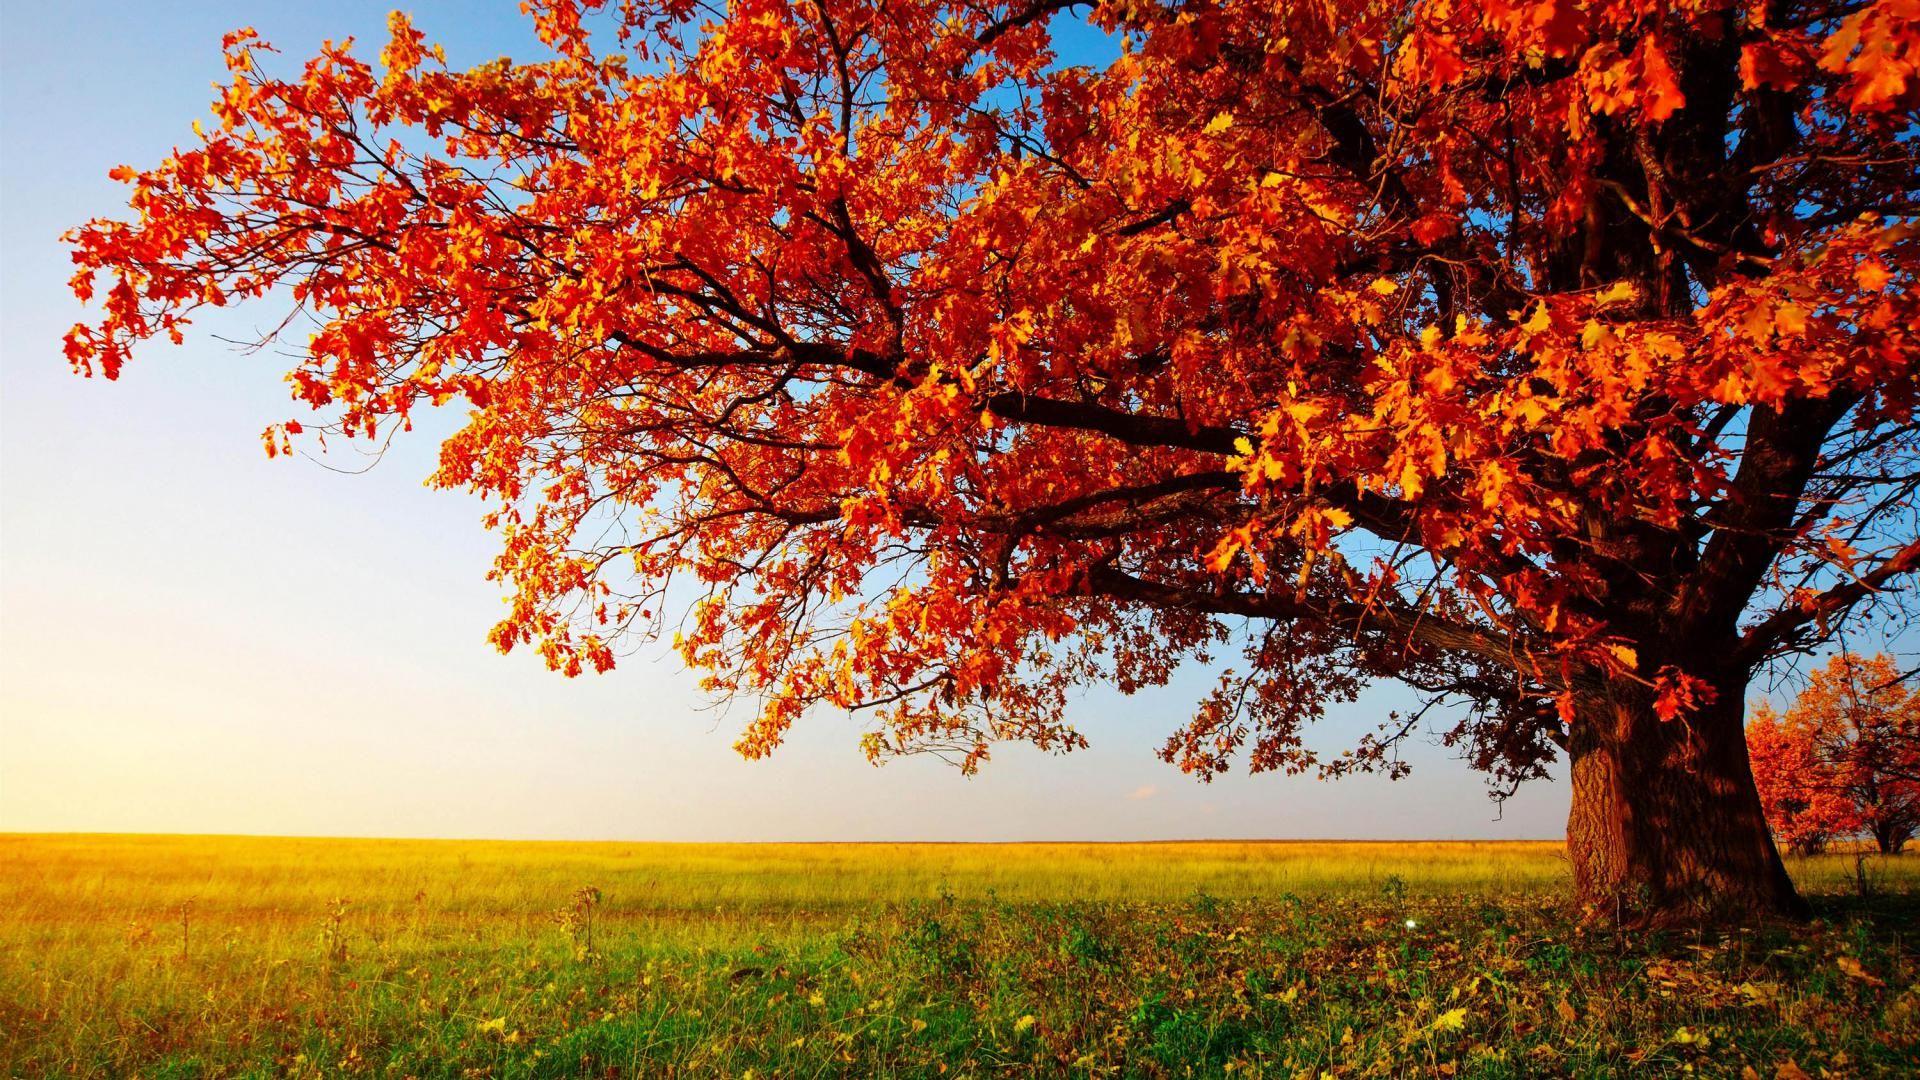 High Resolution Nature Desktop HD Wallpaper Widescreen 1920x1080